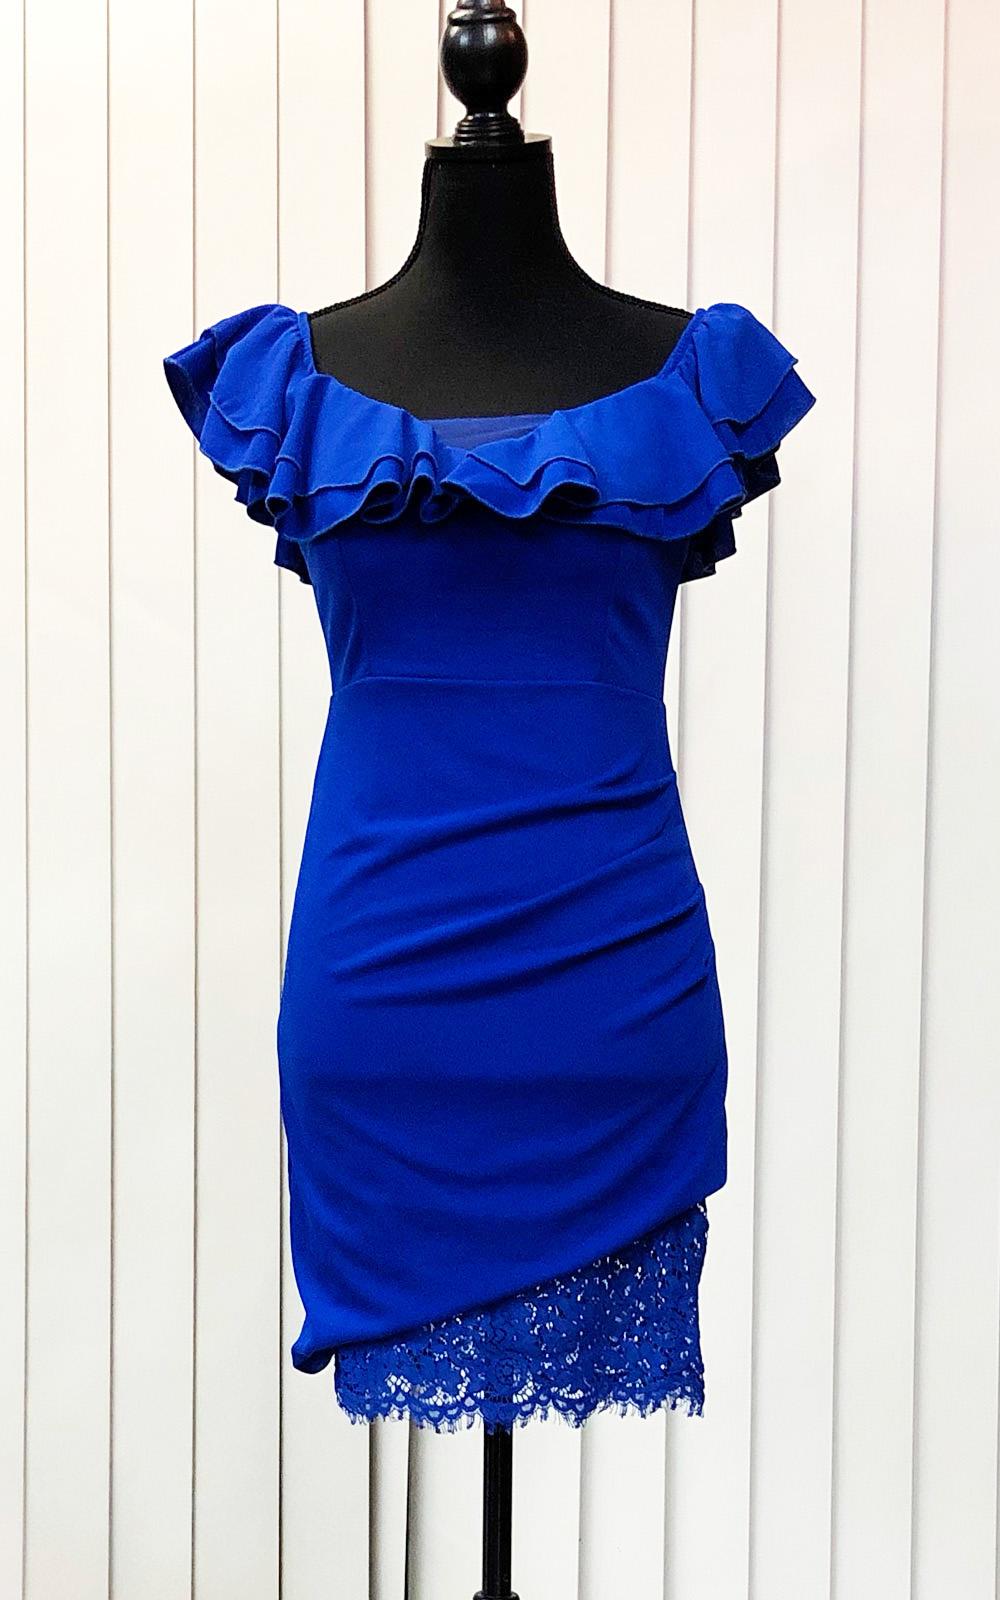 鮮やかなロイヤルブルーが印象的なオフショルダードレス